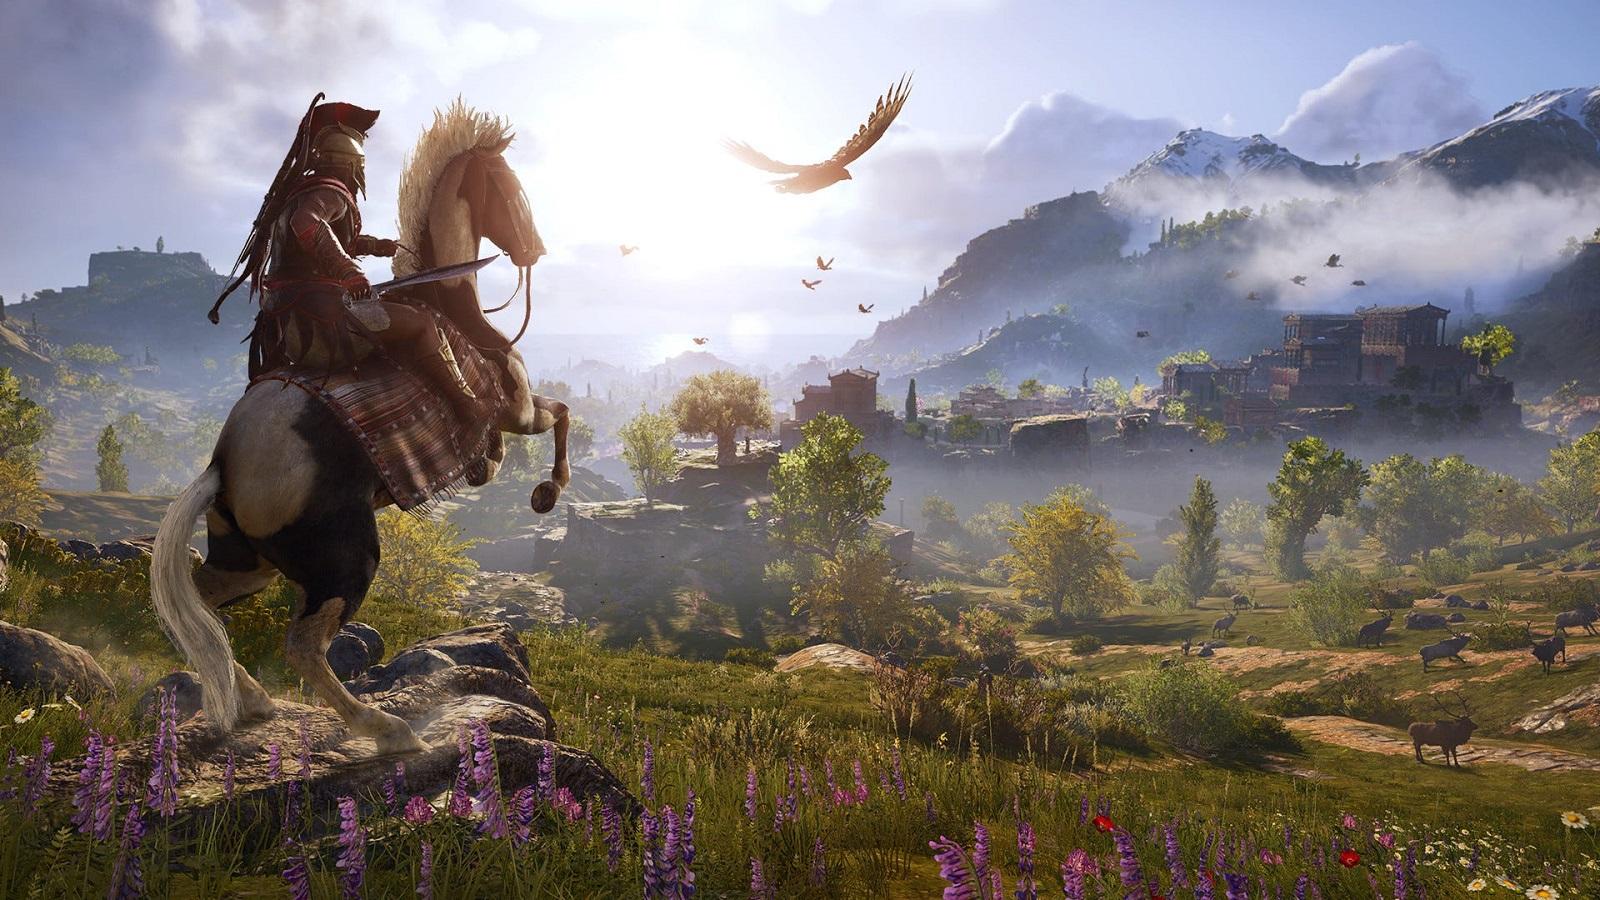 Valve проговорилась о следующей крупной распродаже в Steam — она пройдёт в конце мая